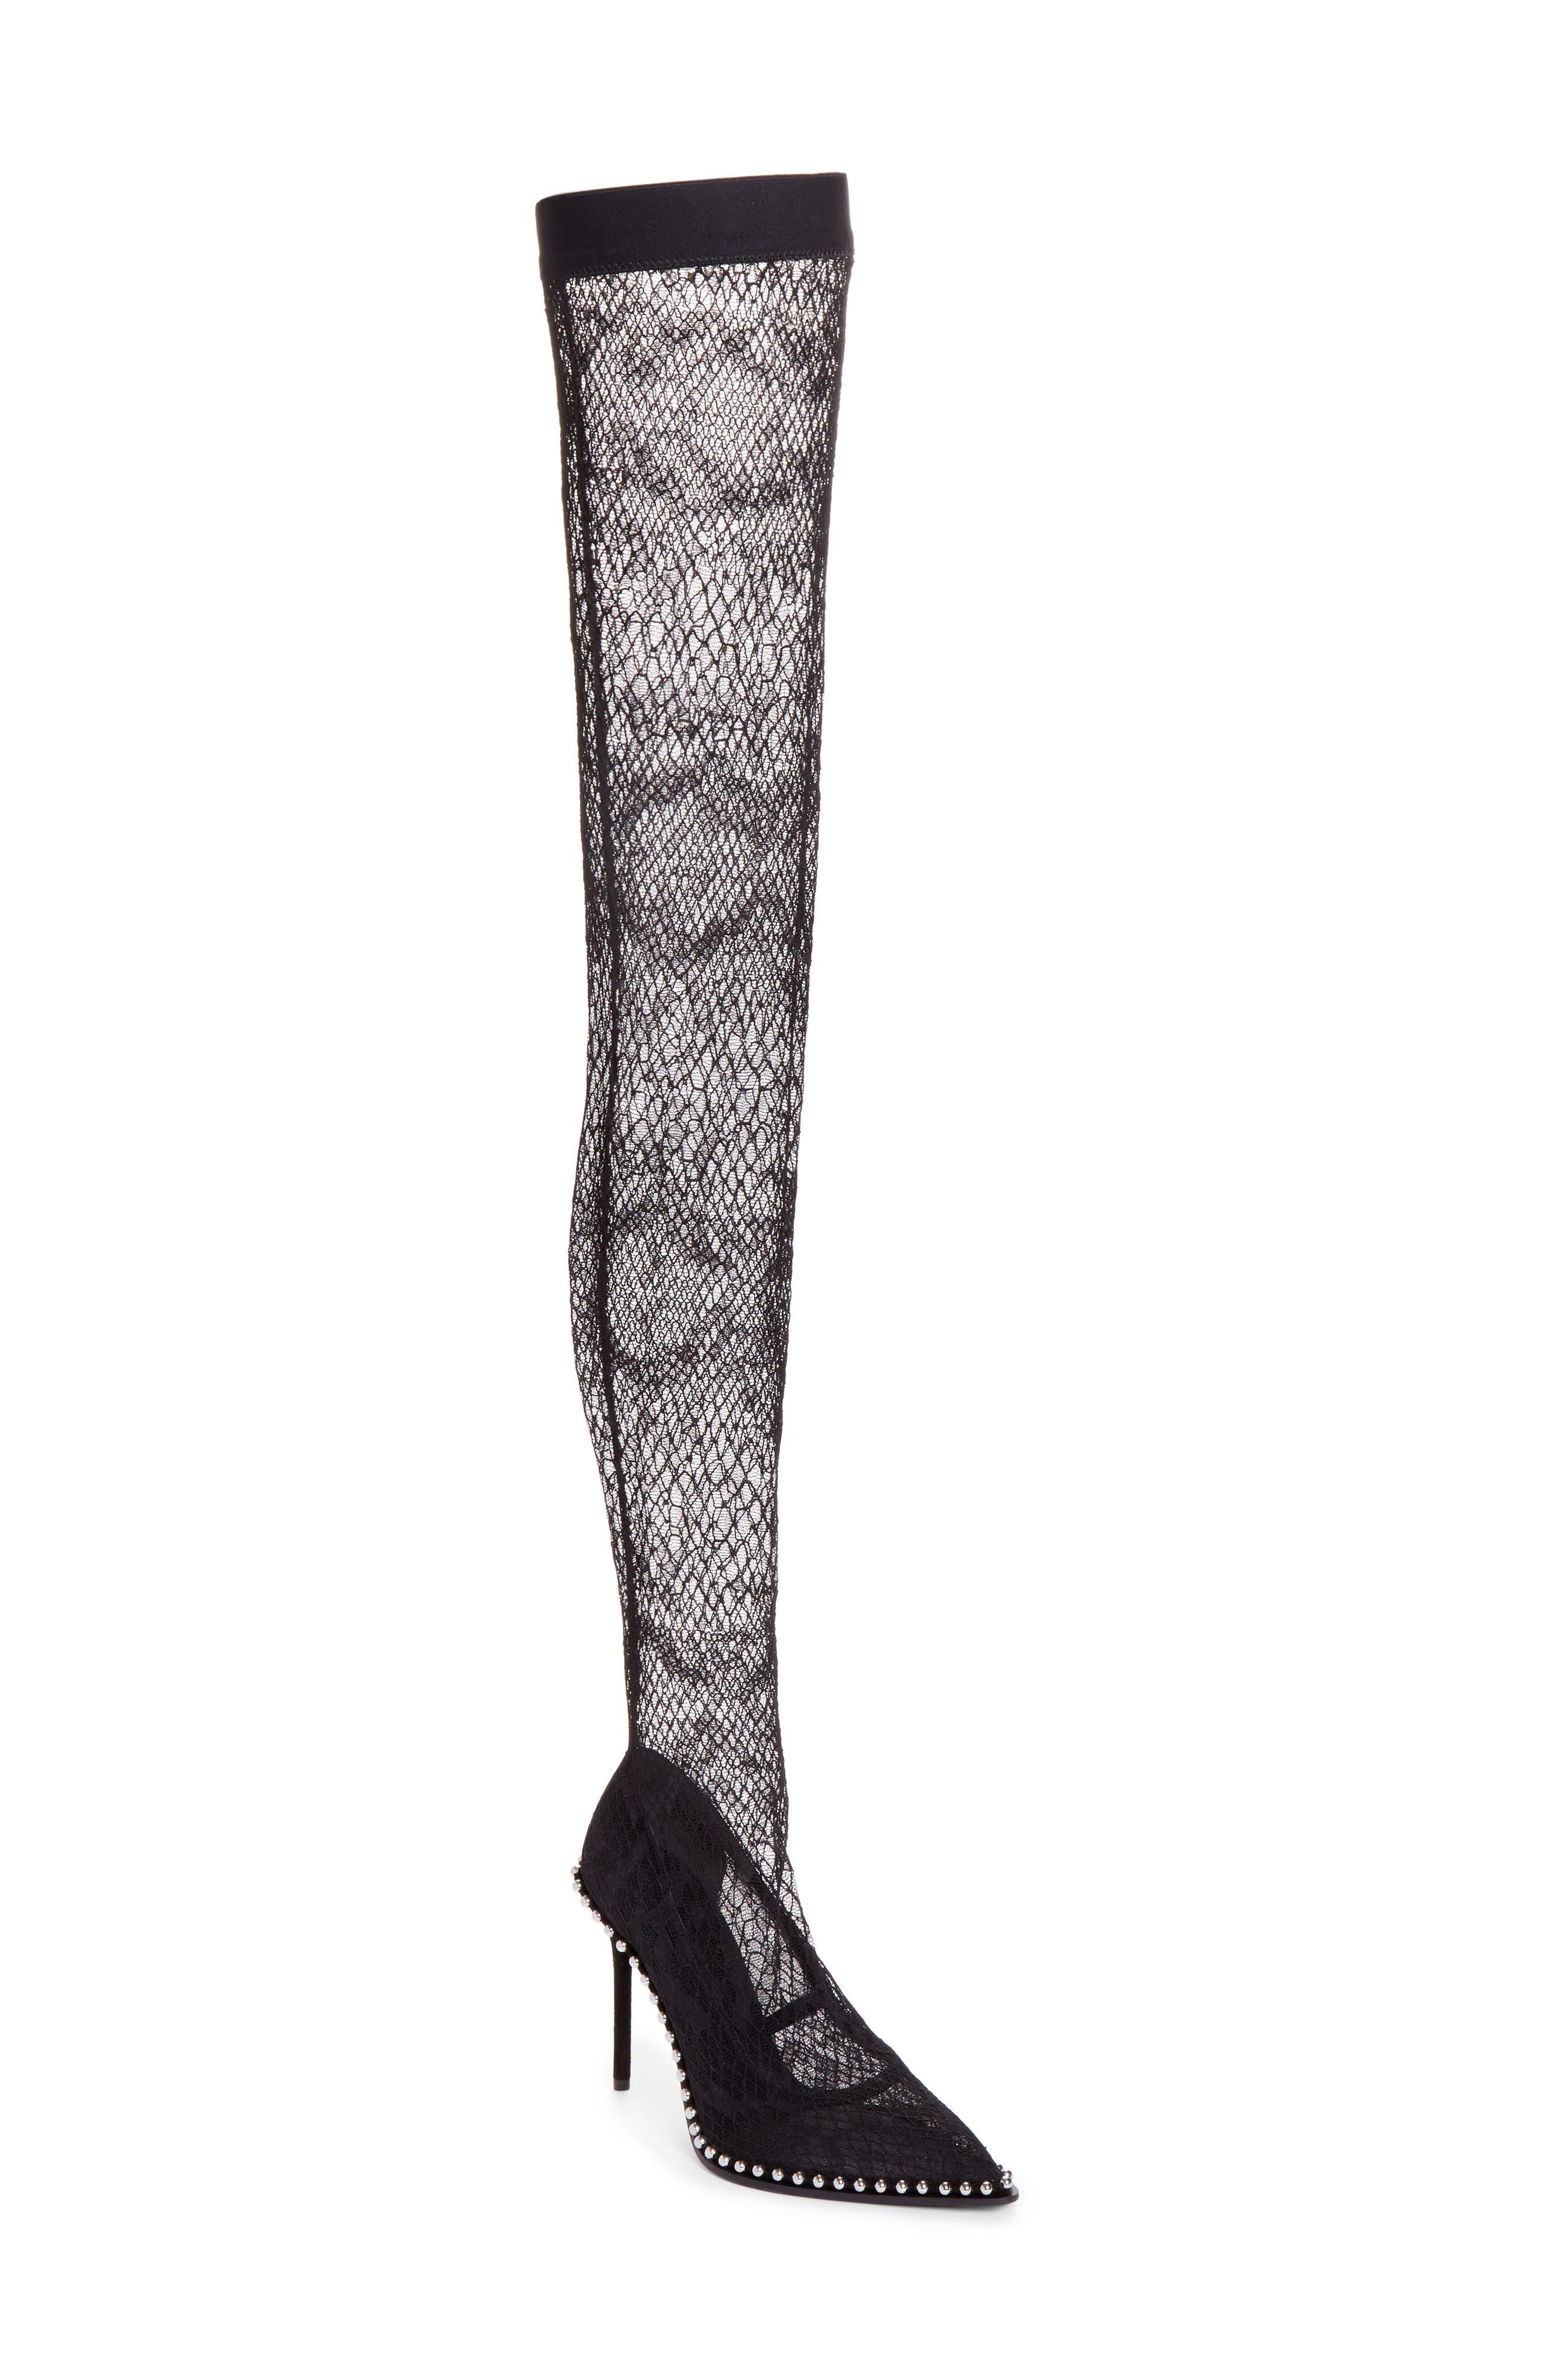 Lyra Thigh-High Fishnet Stocking Pump,                             Main thumbnail 1, color,                             001